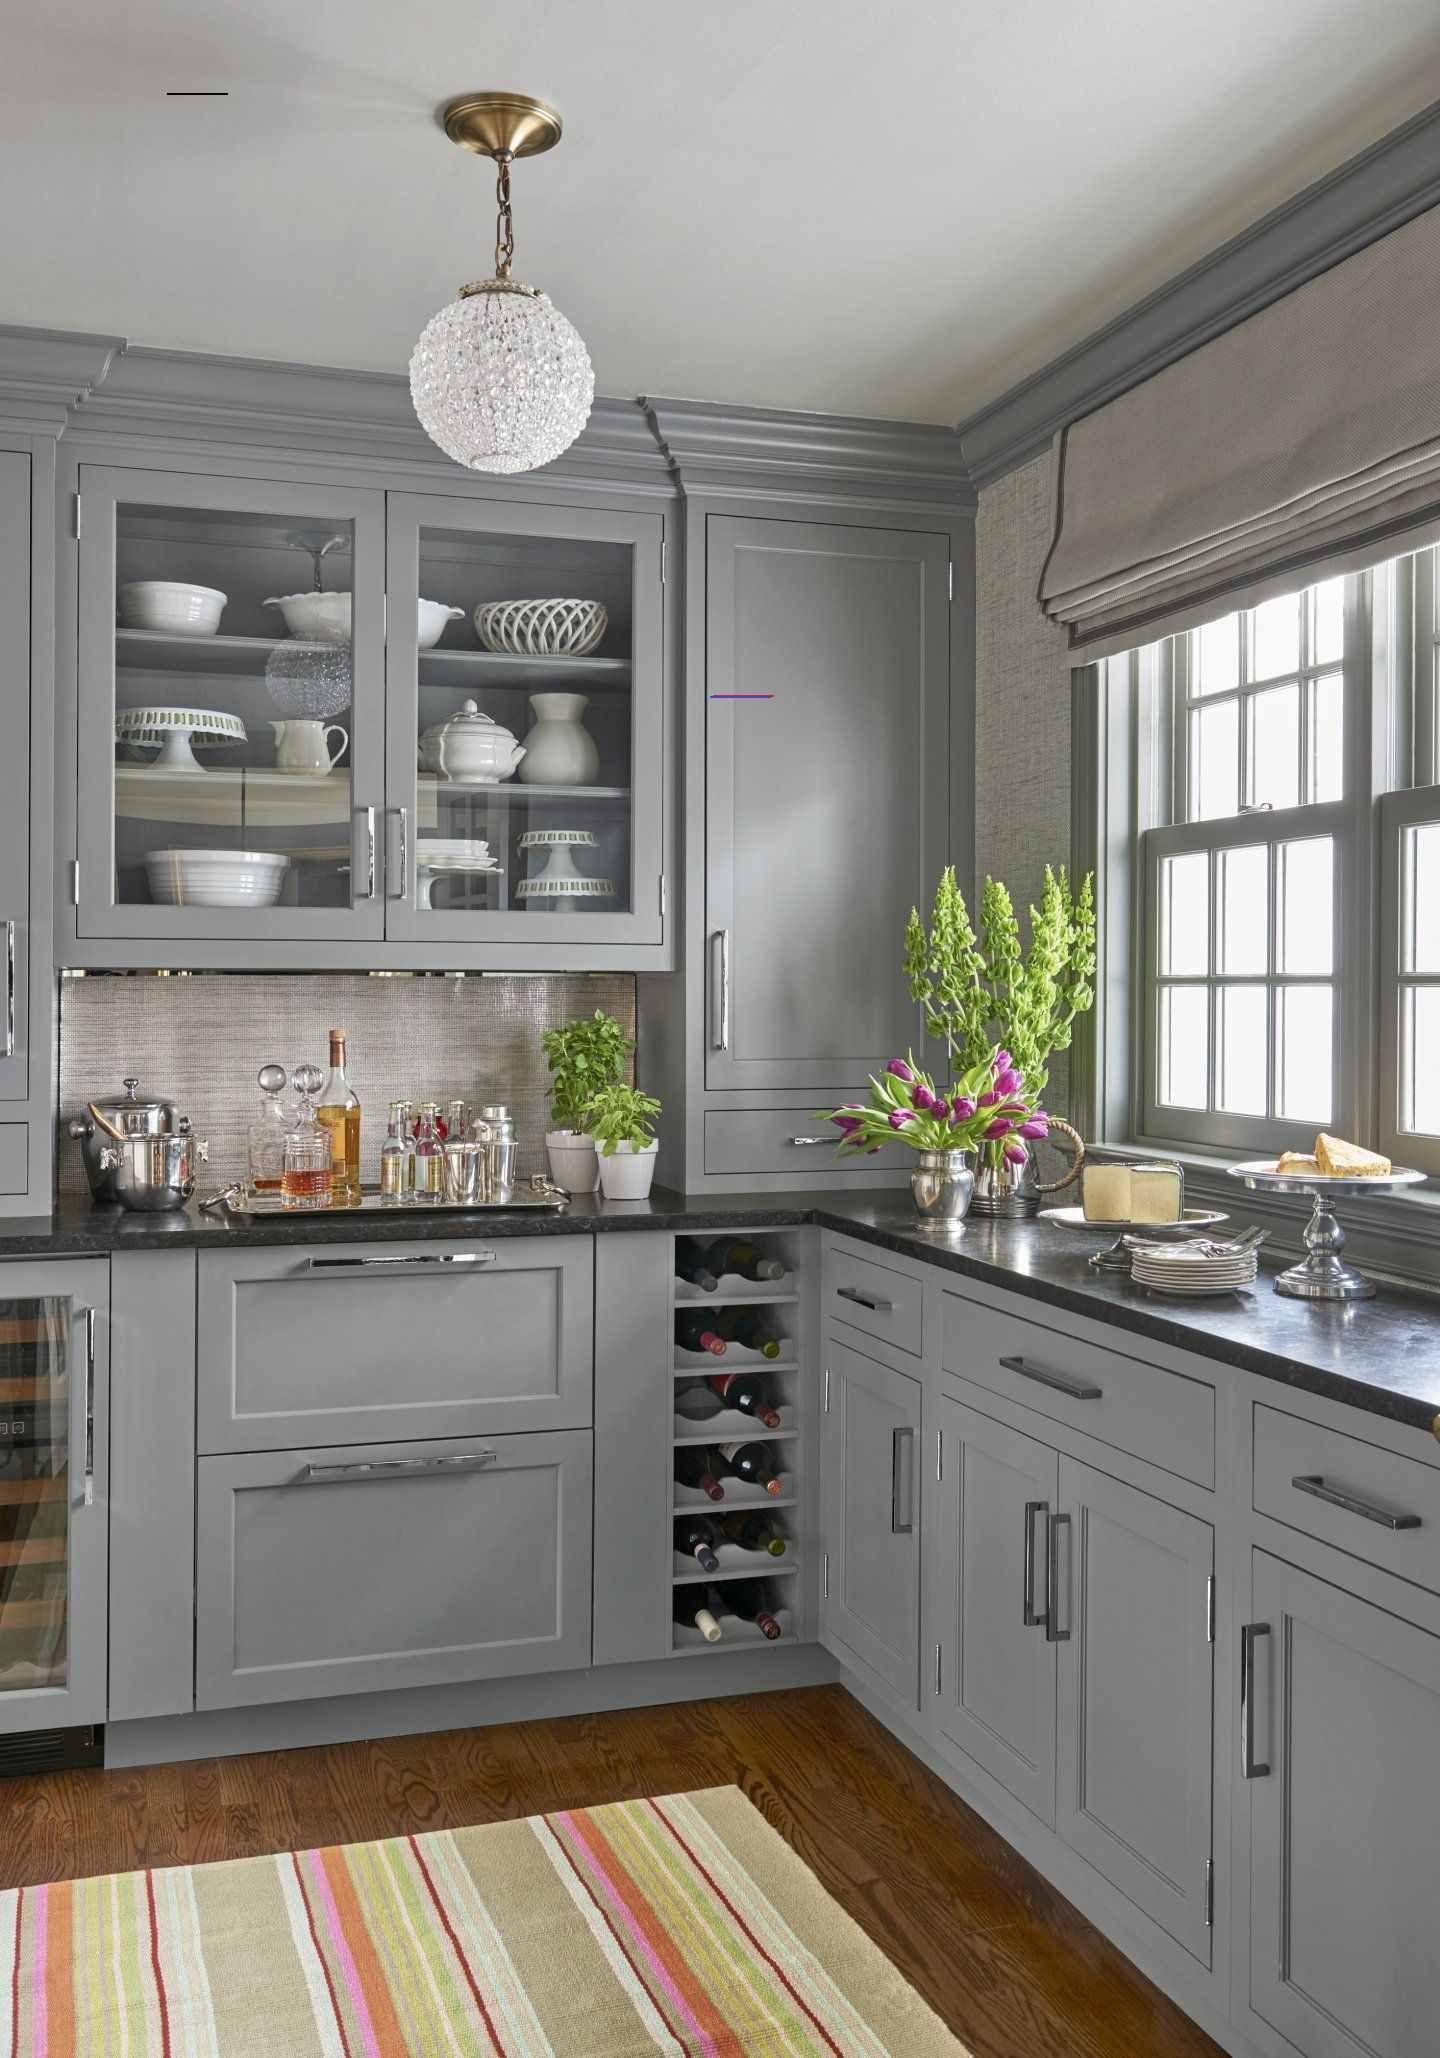 newkitchencabinets in 9   Küchen design, Küchenrenovierung ...